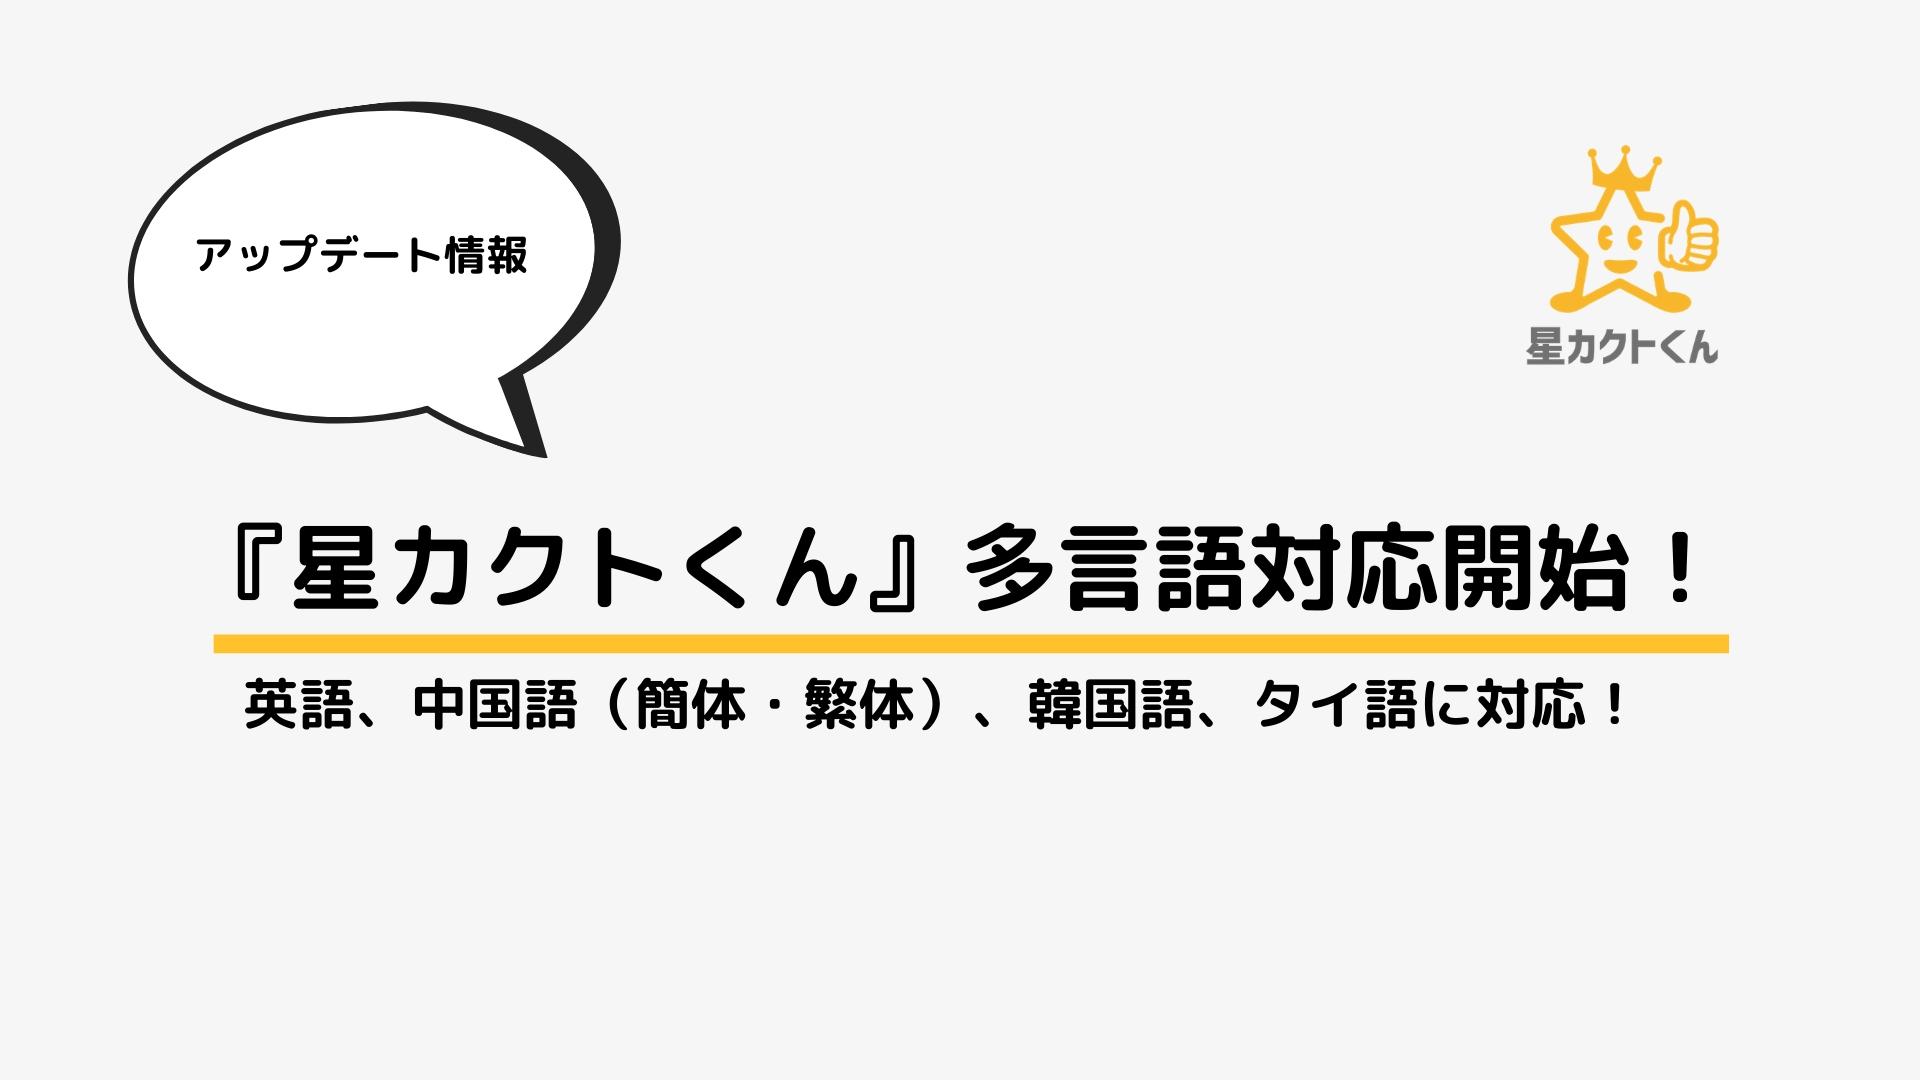 クチコミ促進・管理ツール「星カクトくん」多言語対応開始!